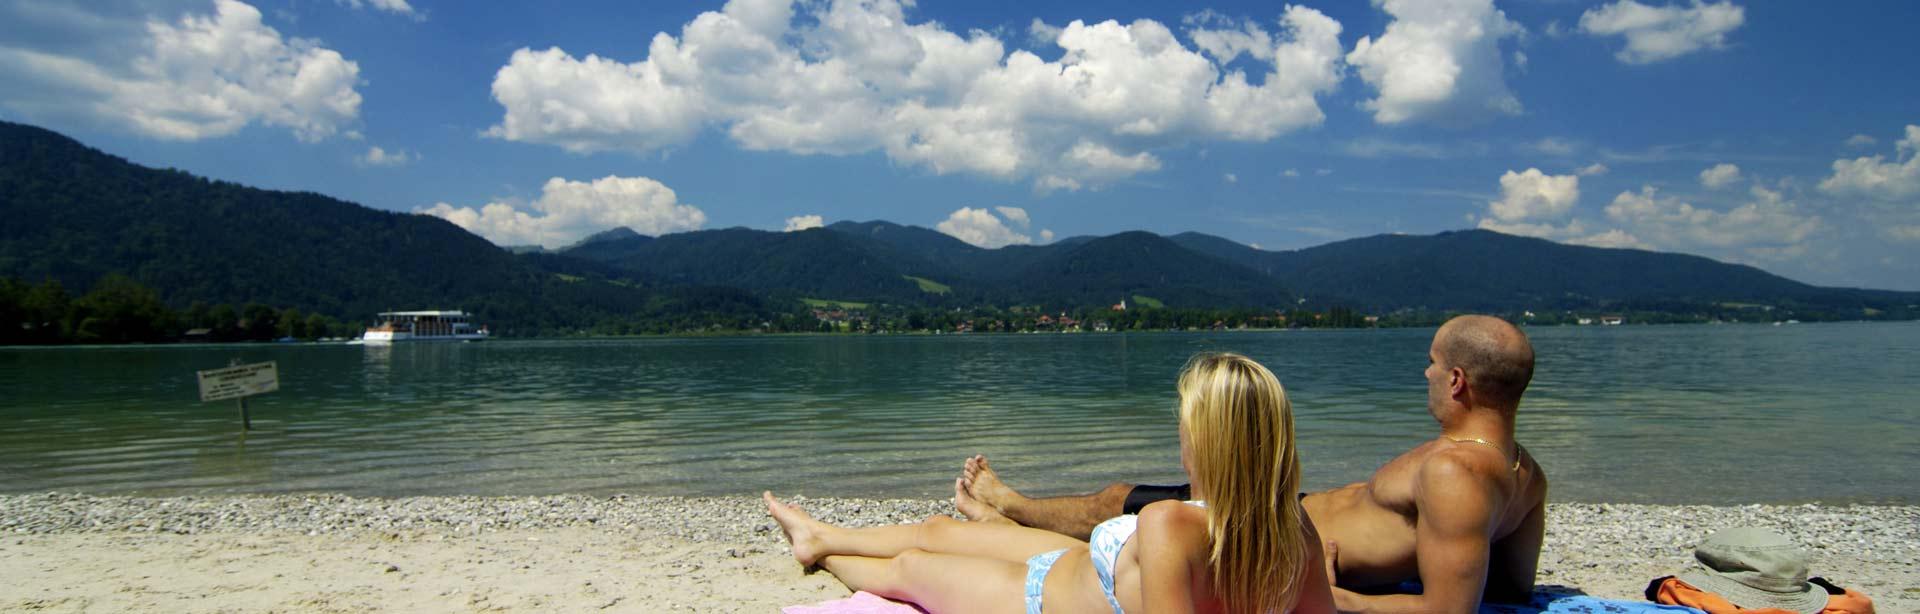 Bild Baden am Tegernsee-Point